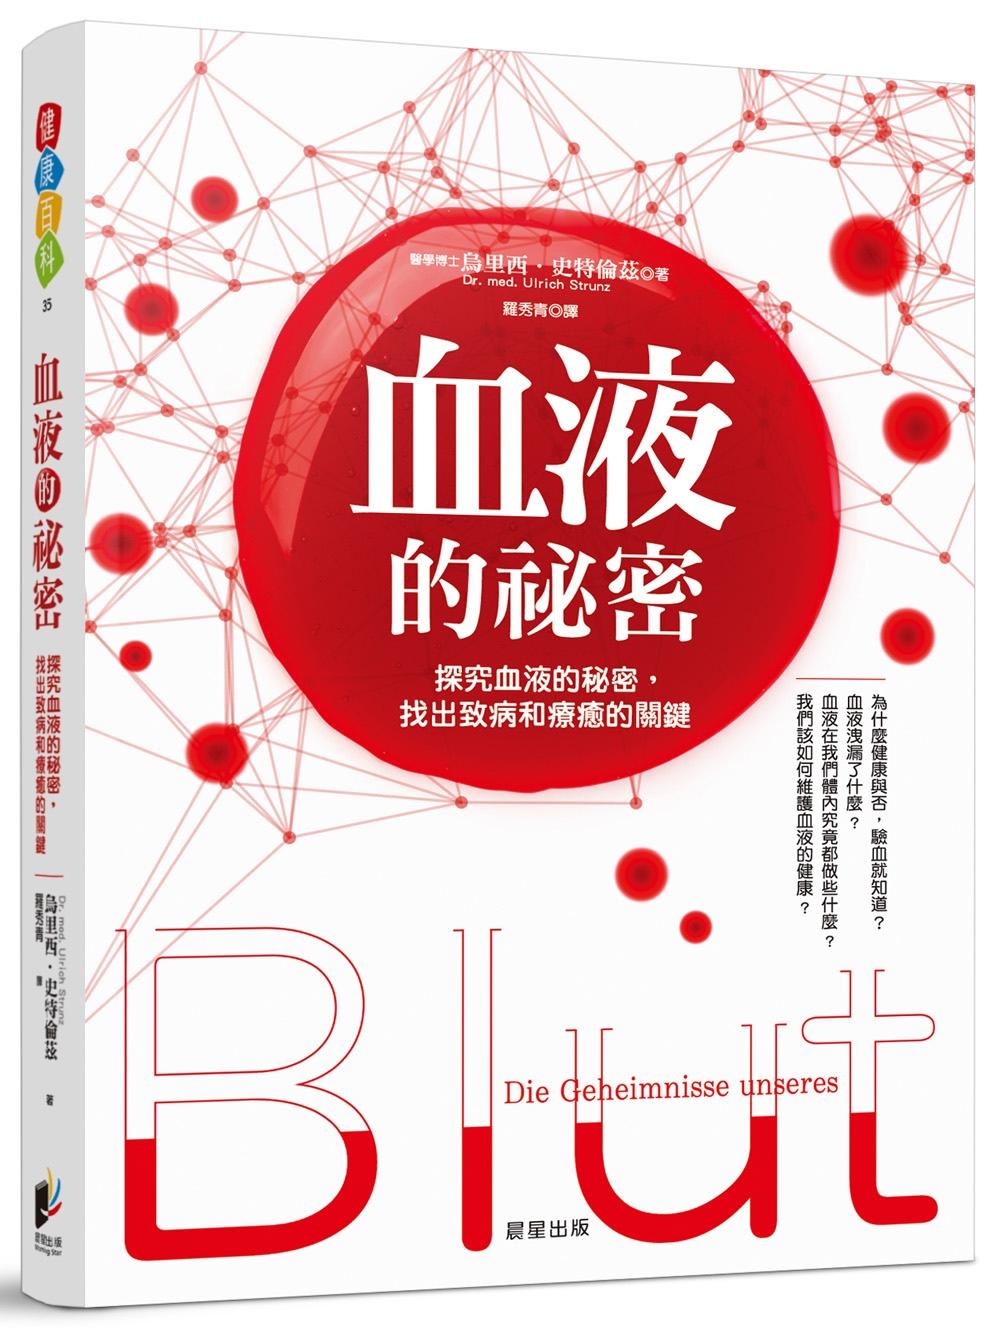 ◤博客來BOOKS◢ 暢銷書榜《推薦》血液的祕密:探究血液祕密,找出致病和療癒的關鍵